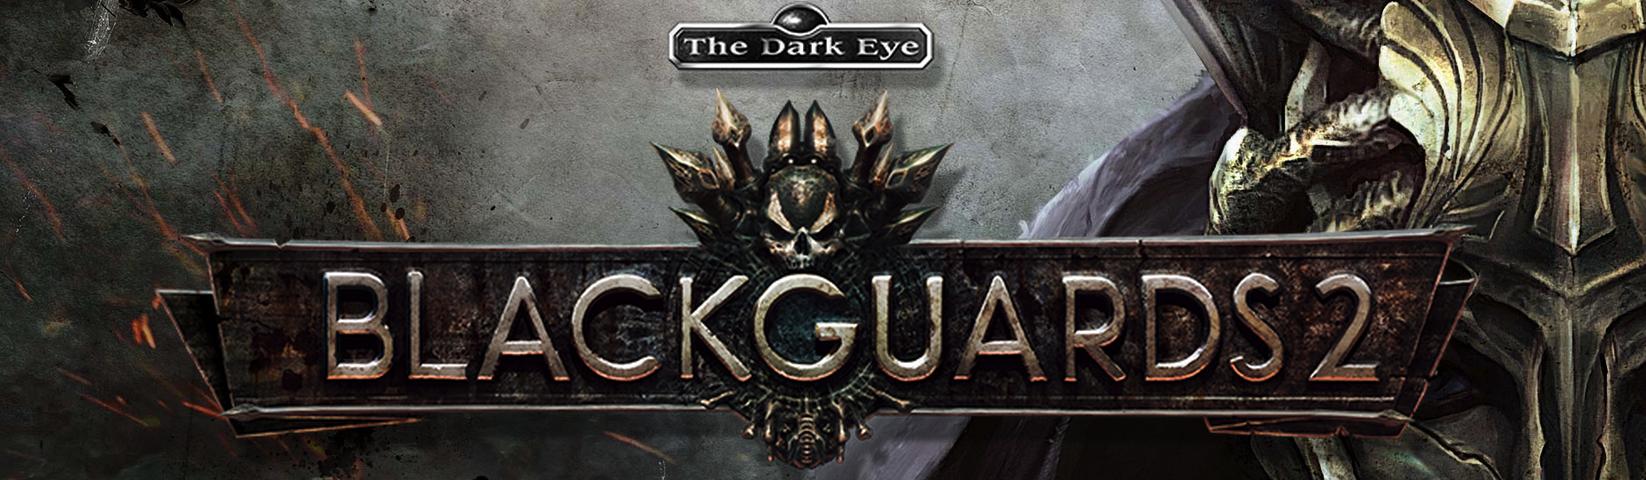 The Dark Eye - Blackguards 2 - bannière